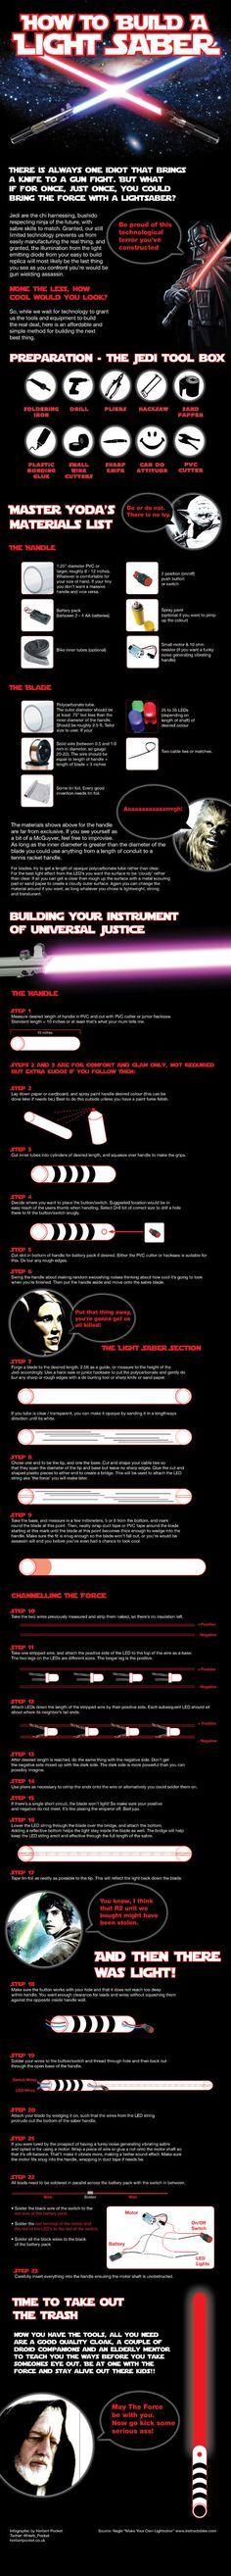 Comment fabriquer un sabre laser comme dans Star Wars ? Make Your Own Lightsaber, Diy Lightsaber, Lightsaber Design, The Nerd, Sabre Laser, Geeks, Darth Vader, Cosplay Tutorial, The Force Is Strong